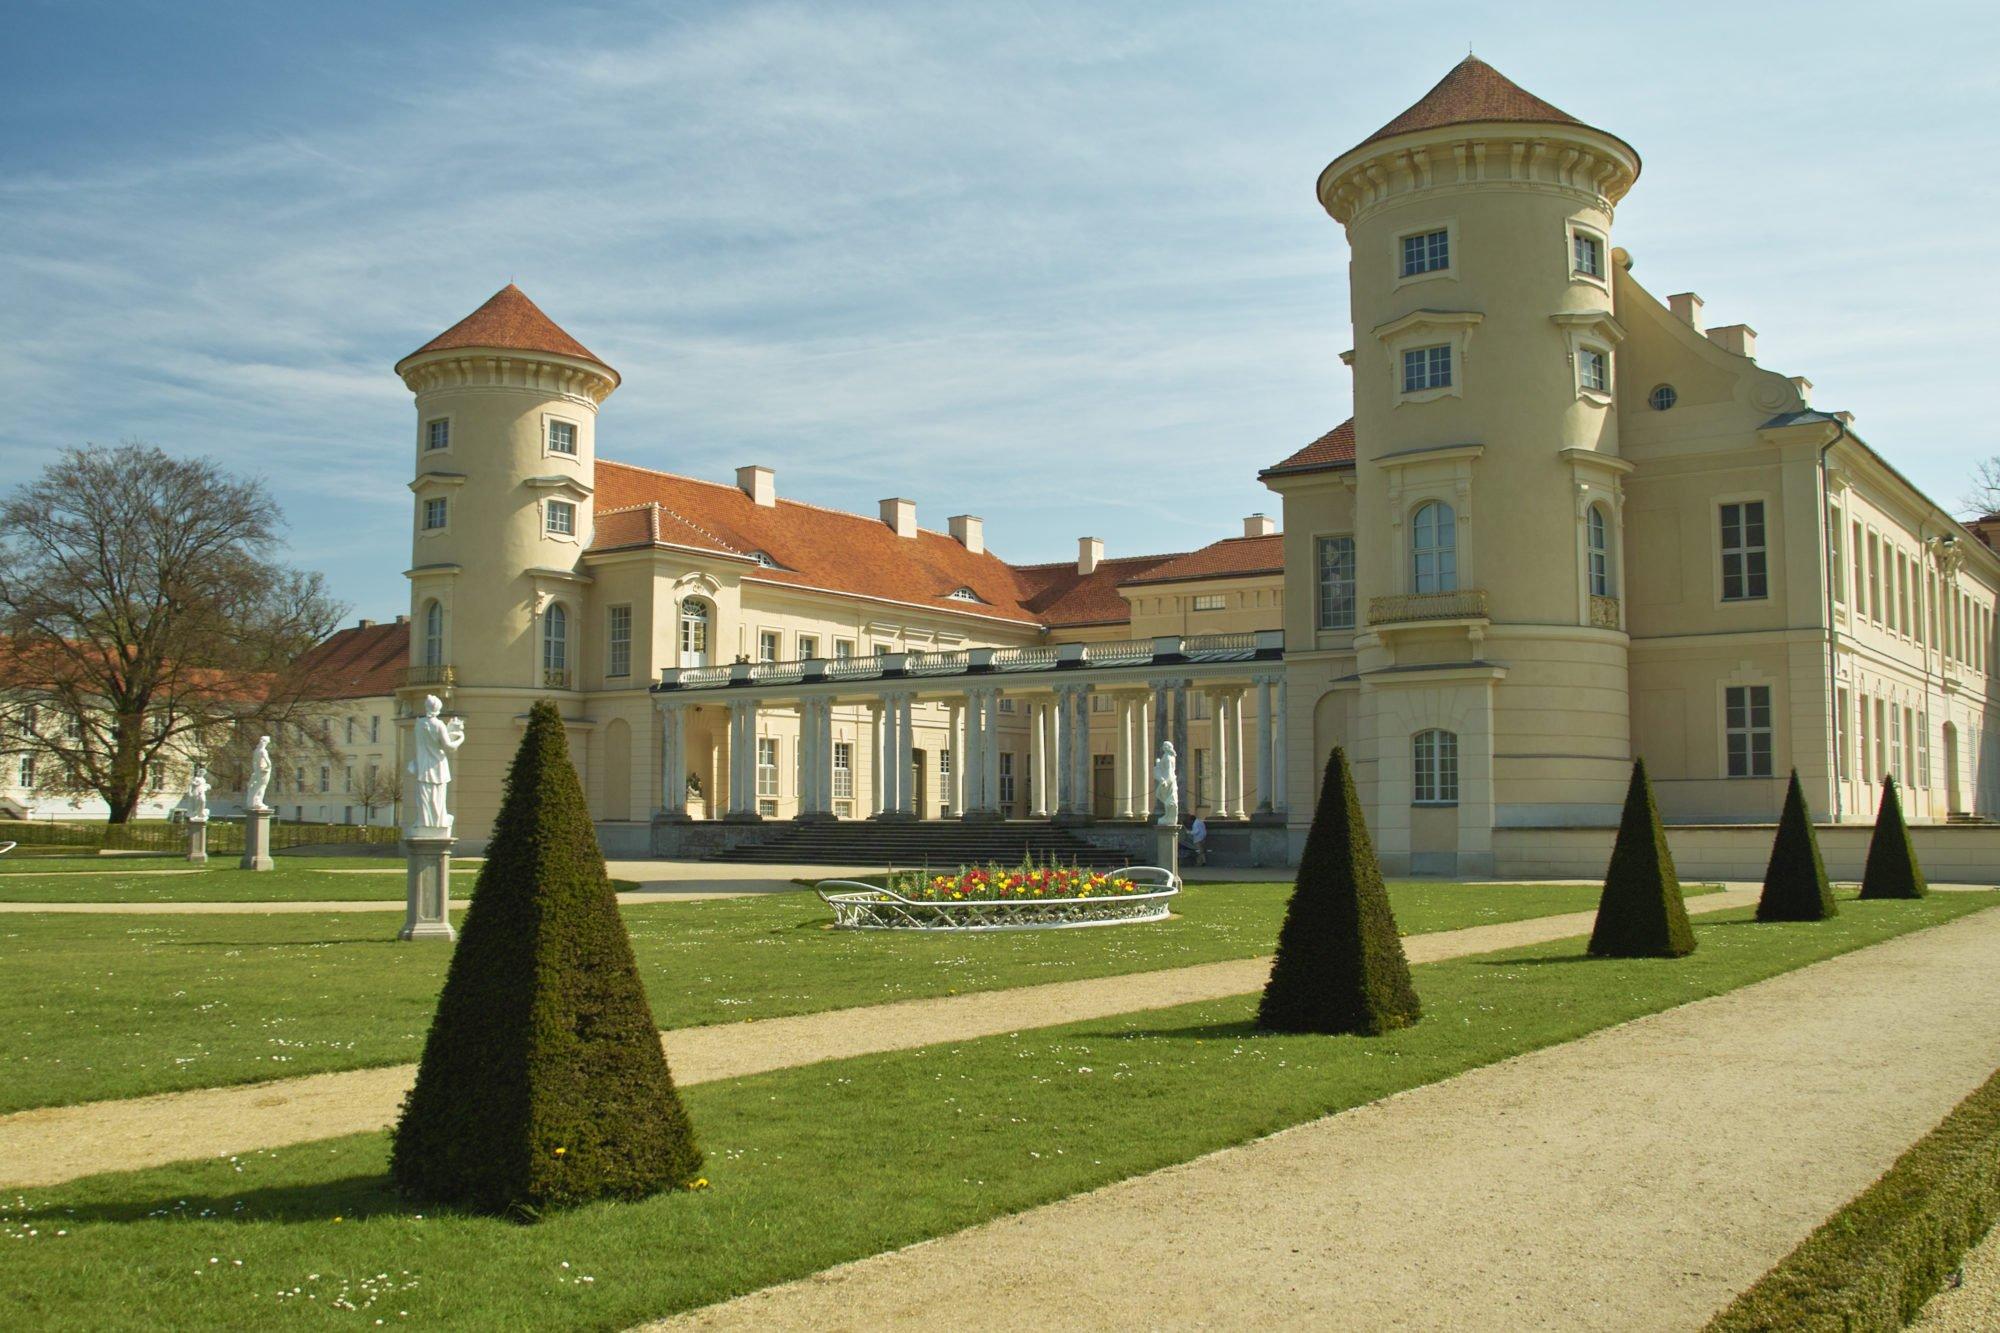 Zu sehen ist das Schloss Rheinsberg von hinten. Besonders deutlich sind die beiden Türme mit einem roten Dach und einem sandfarbenen Anstrich.